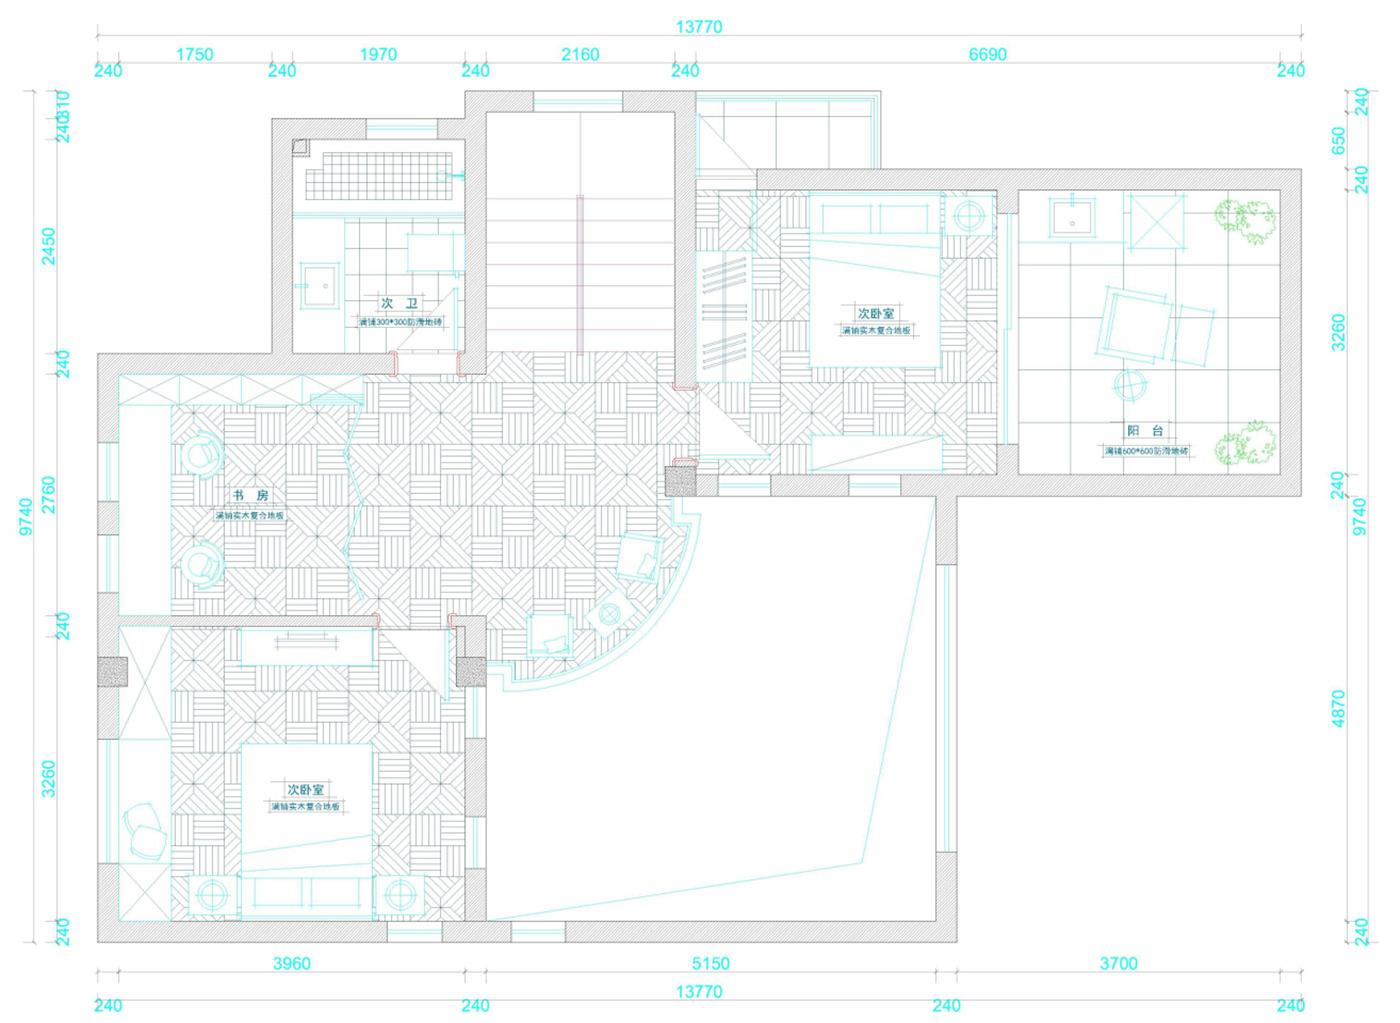 保利叶城 别墅装修 别墅设计 欧式古典 腾龙设计 户型图图片来自腾龙设计在保利叶城172号别墅装修设计方案的分享